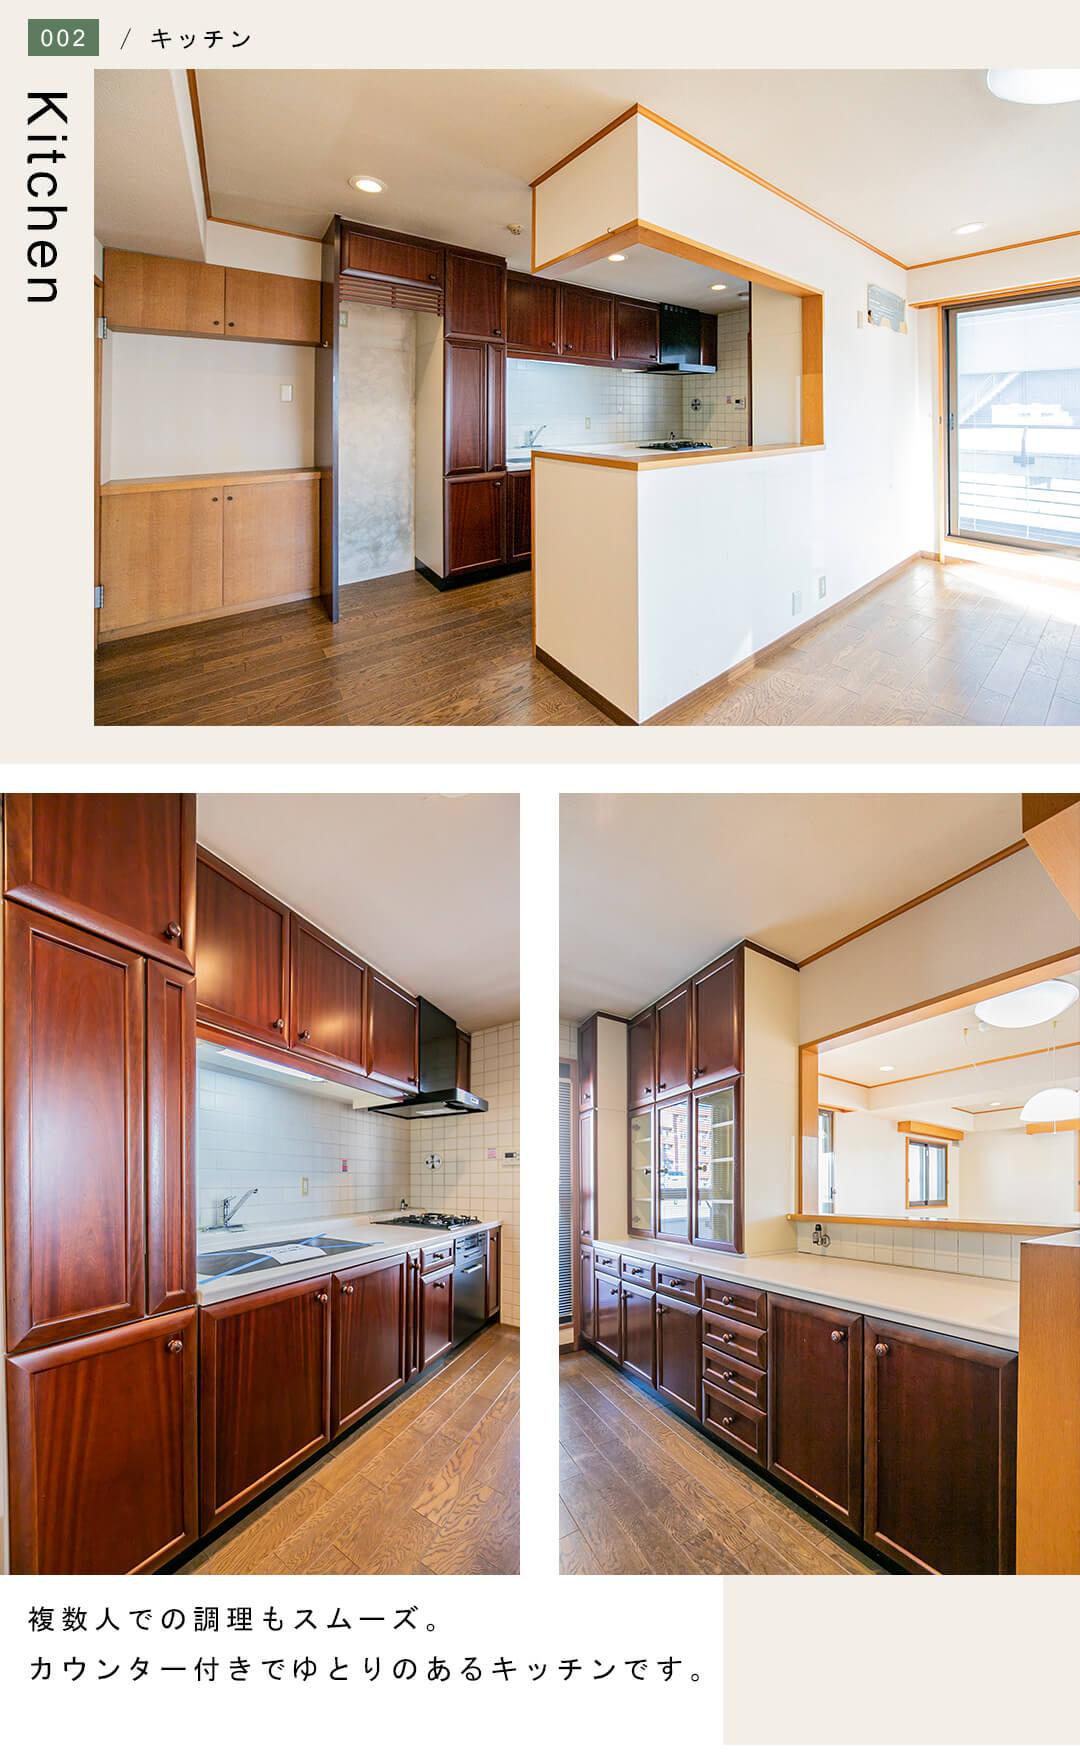 パールグリーン新宿のキッチン